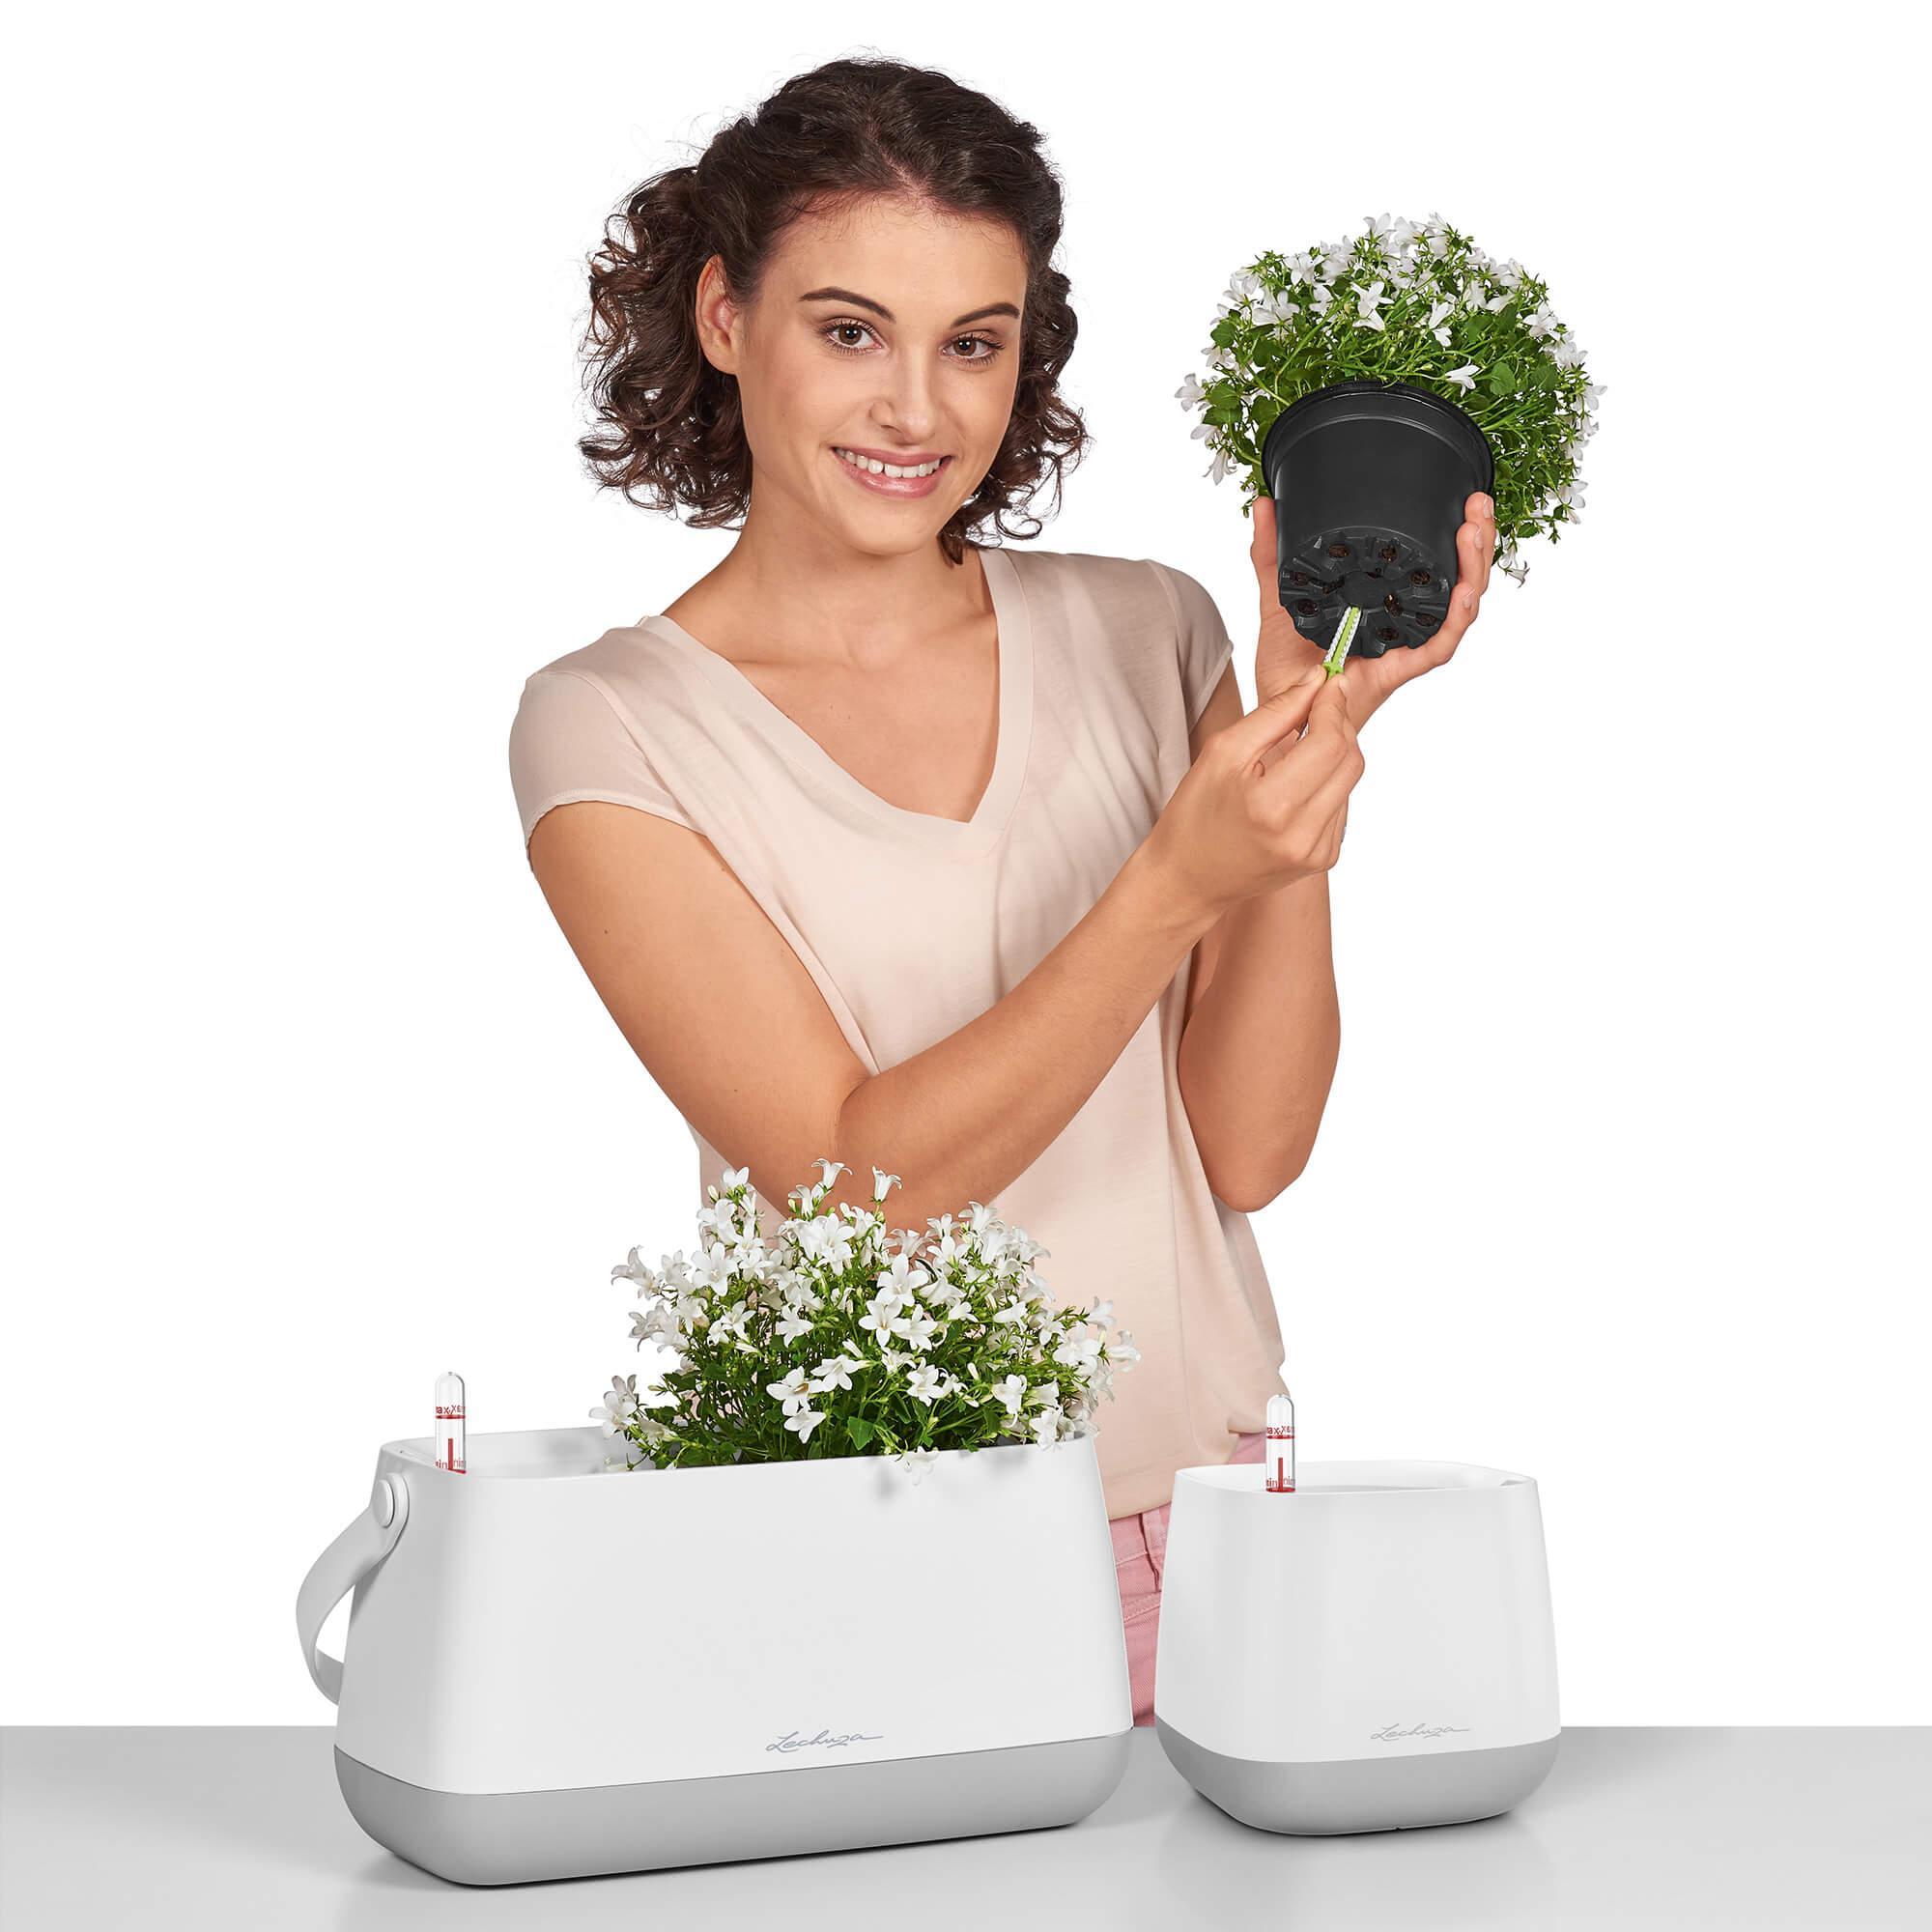 Корзинка для растений YULA белый/серый - изображение 4